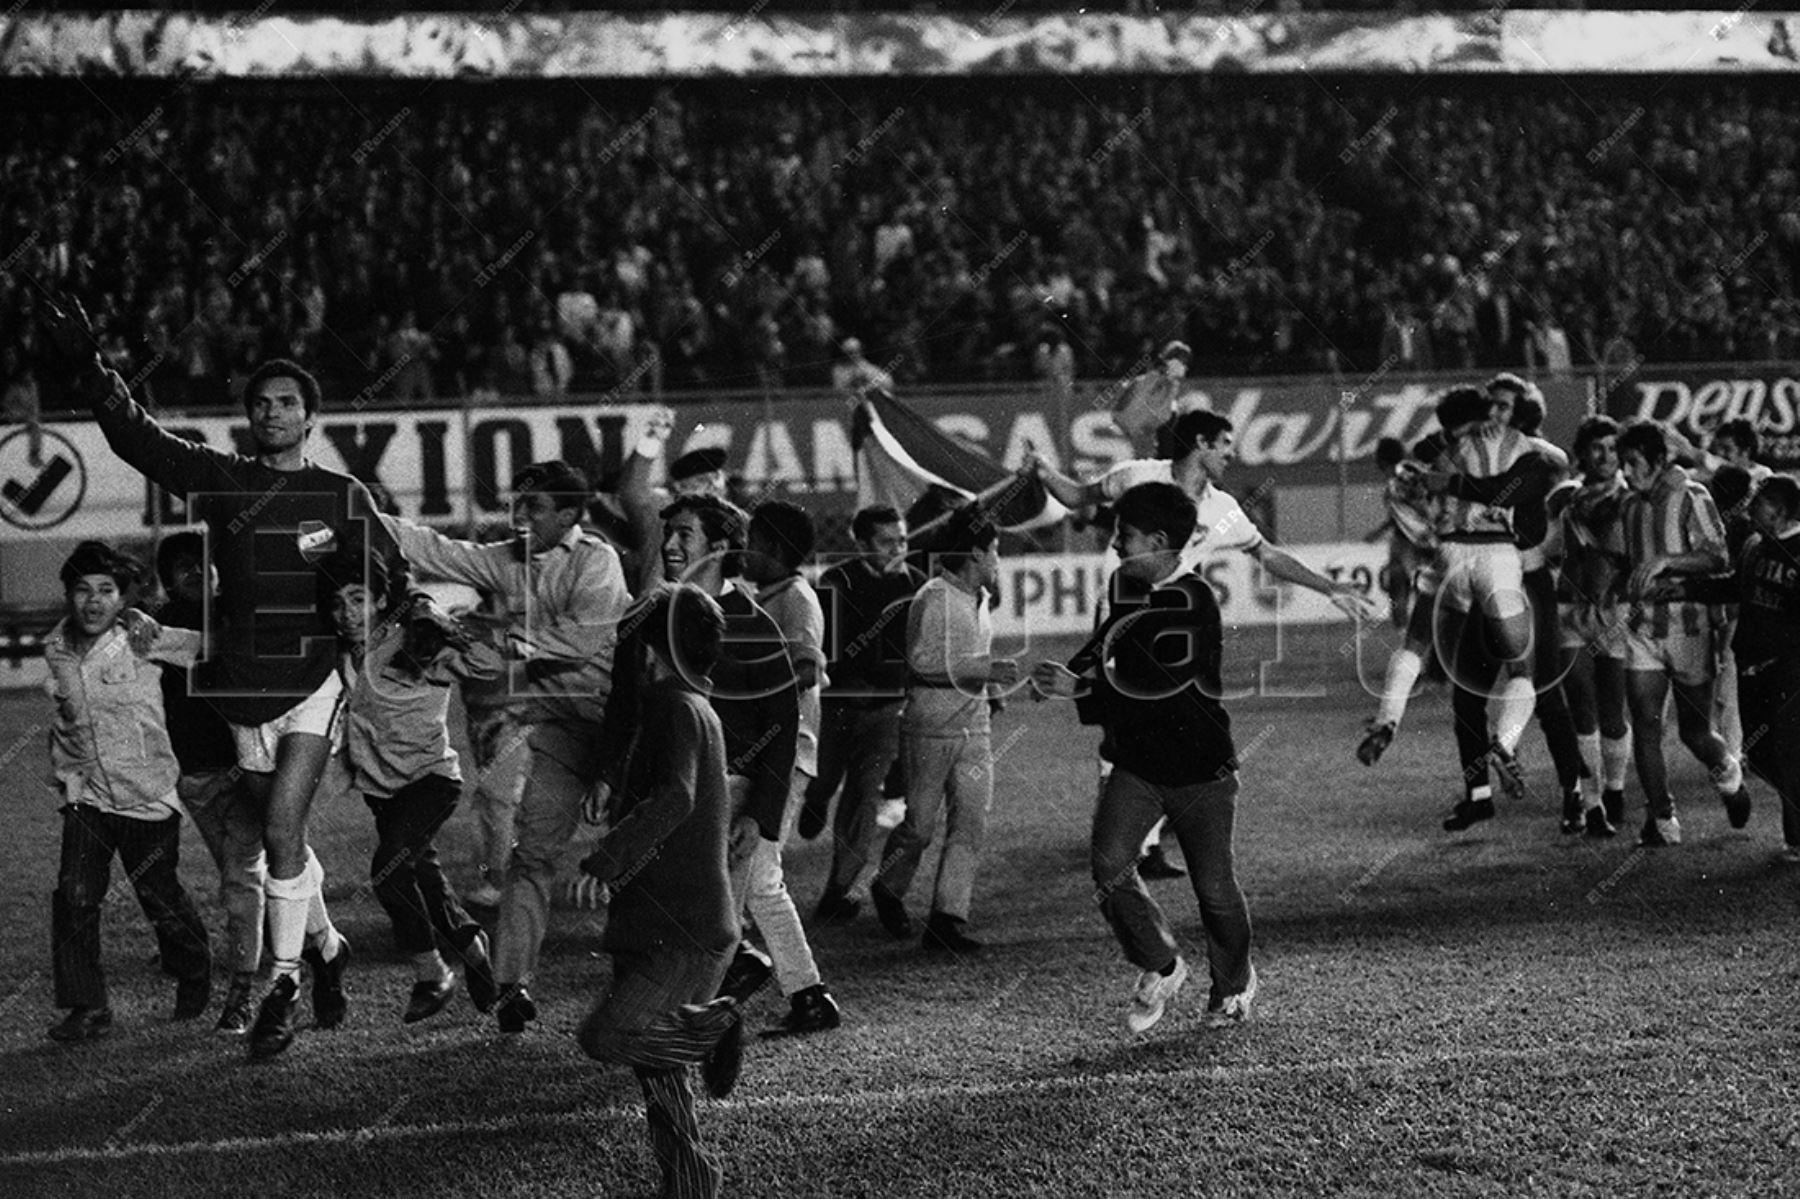 Lima - 9 junio 1971 / Gran euforia al termino del partido. Jugadores del Nacional de Uruguay mezclados con hinchas dan la vuelta olímpica en el Estadio Nacional. El cuadro uruguayo se coronó campeón de la Copa Libertadores de América al vencer 2-0 a Estudiantes de Argentina.  Foto Archivo Histórico de El Peruano